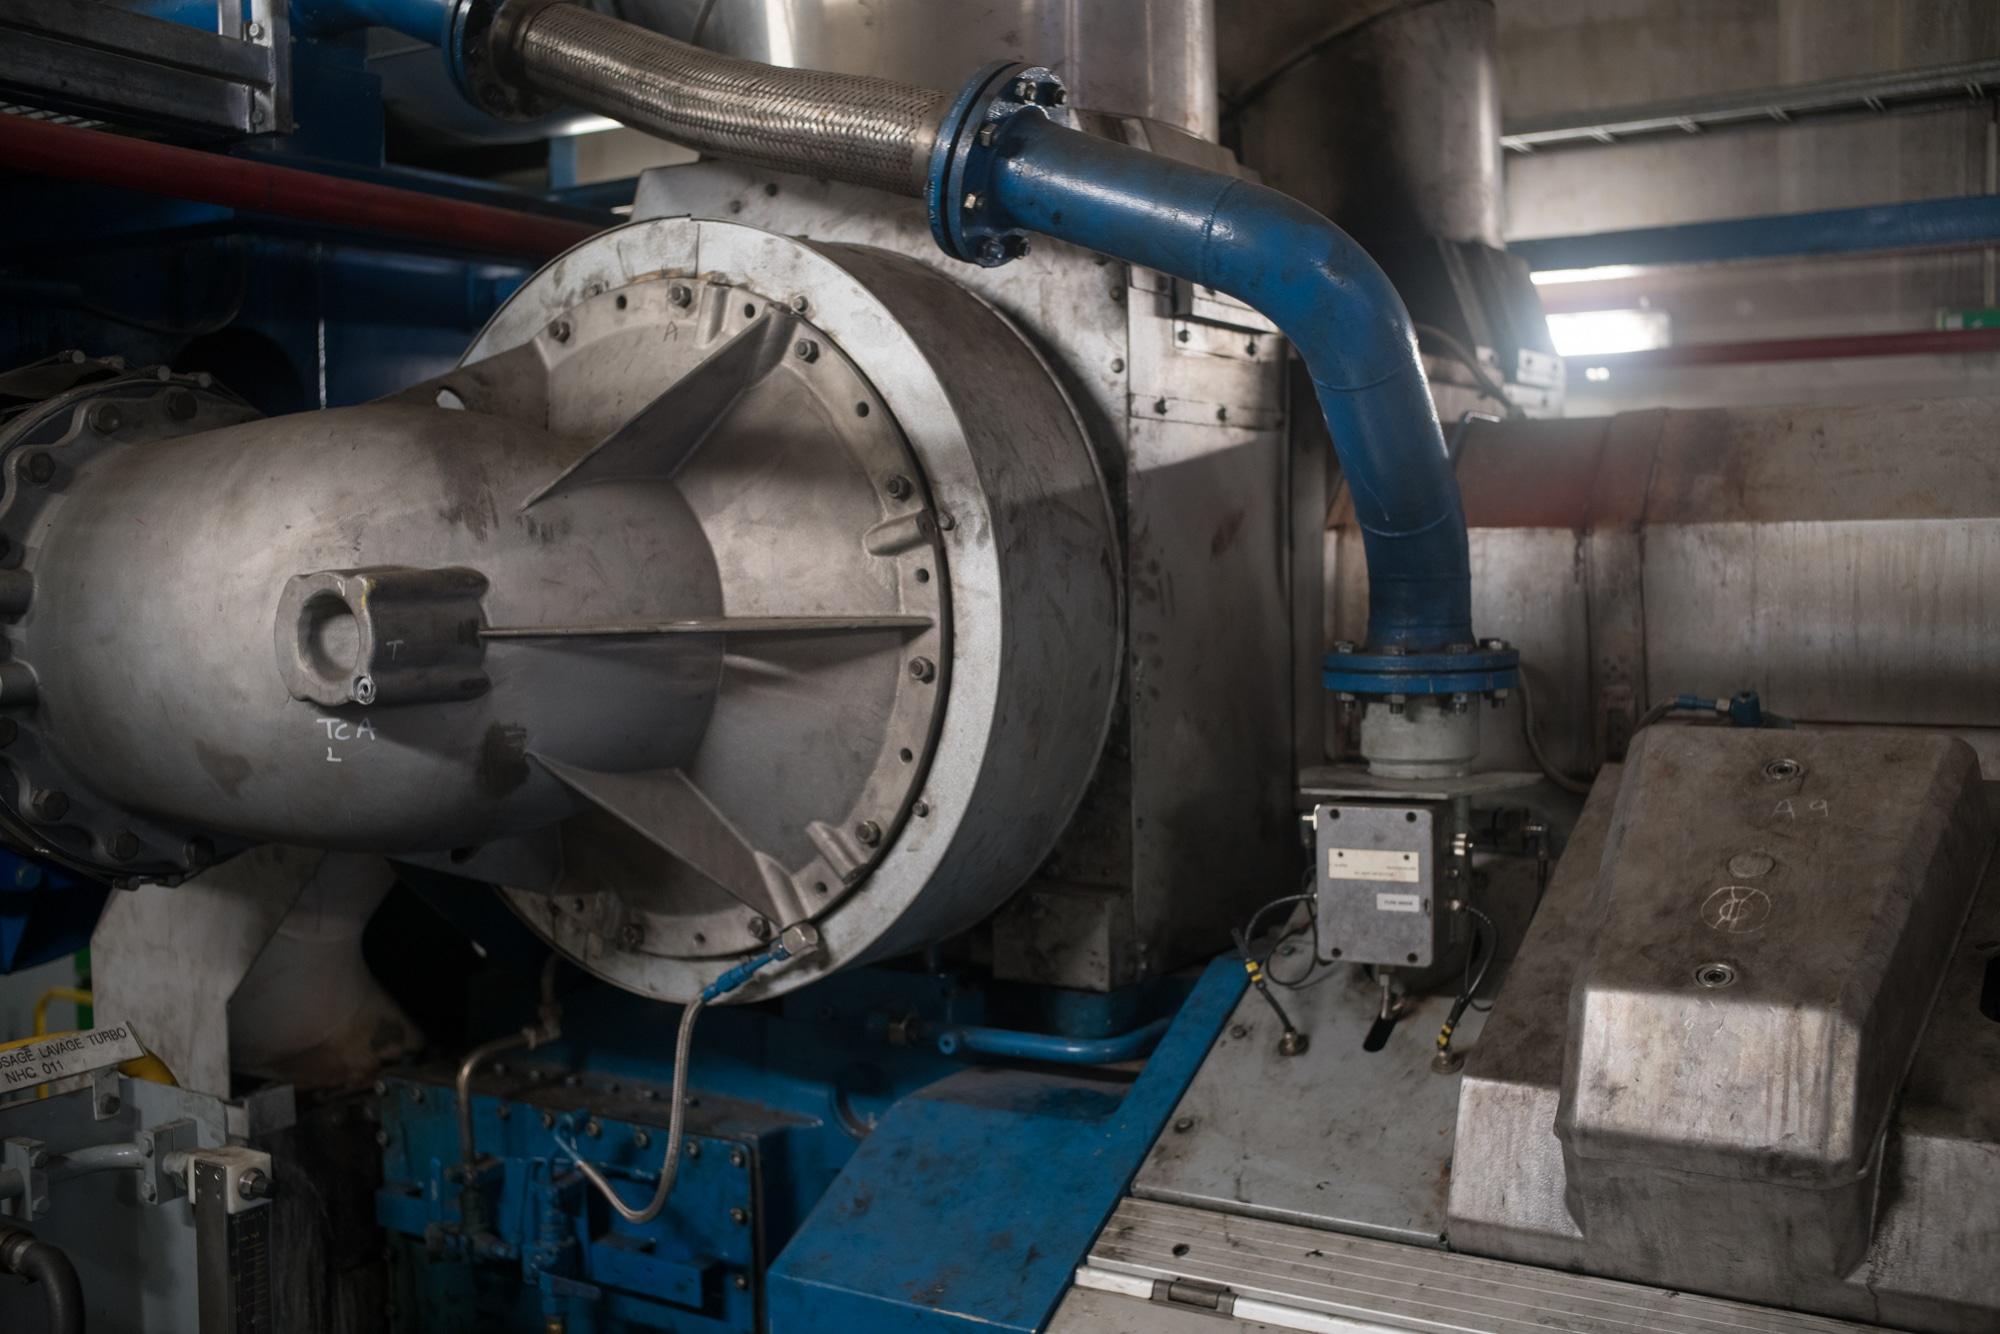 On aperçoit une grosse machine métallique encadrée de tuyaux bleux.